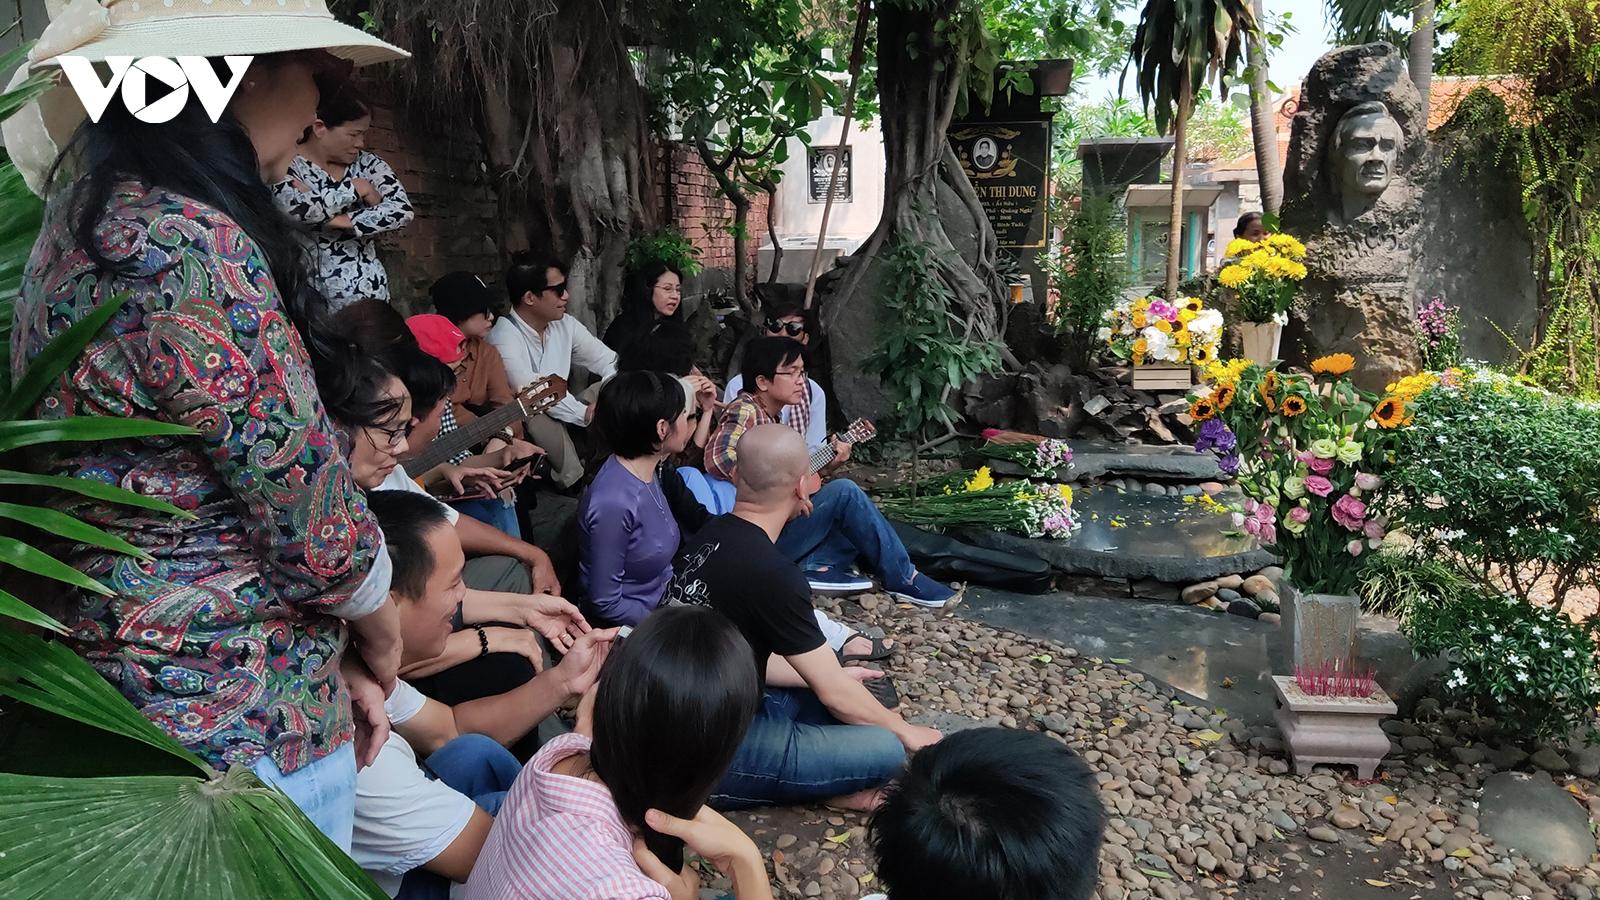 Nhiều nghệ sĩ, người yêu nhạc đến viếng và hát trước mộ nhạc sĩ Trịnh Công Sơn